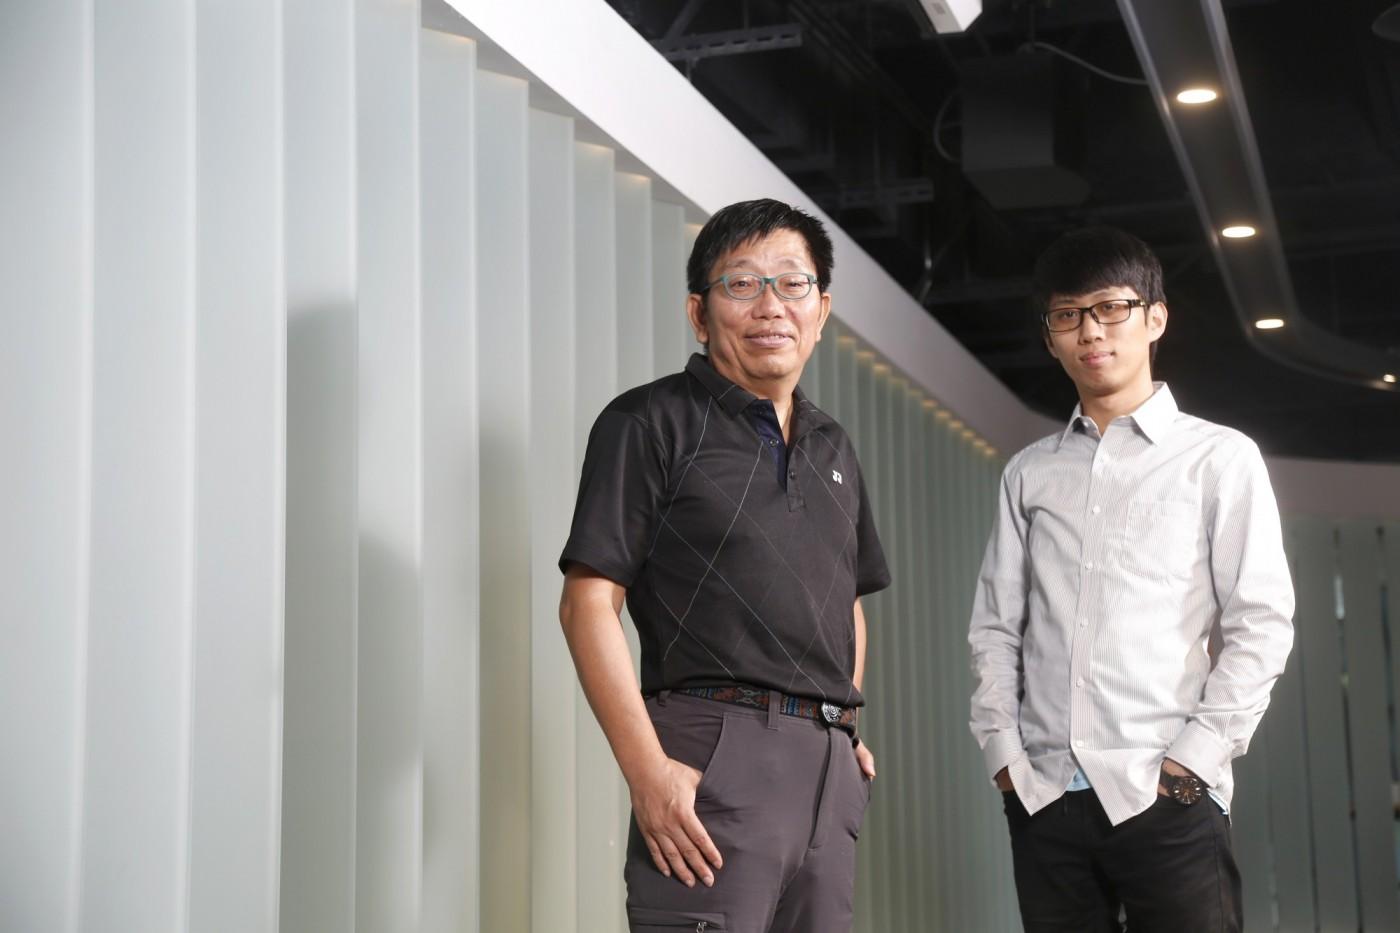 綿天科技》創新醫材「微管陣列膜」  為癌症治療寫下新樂章